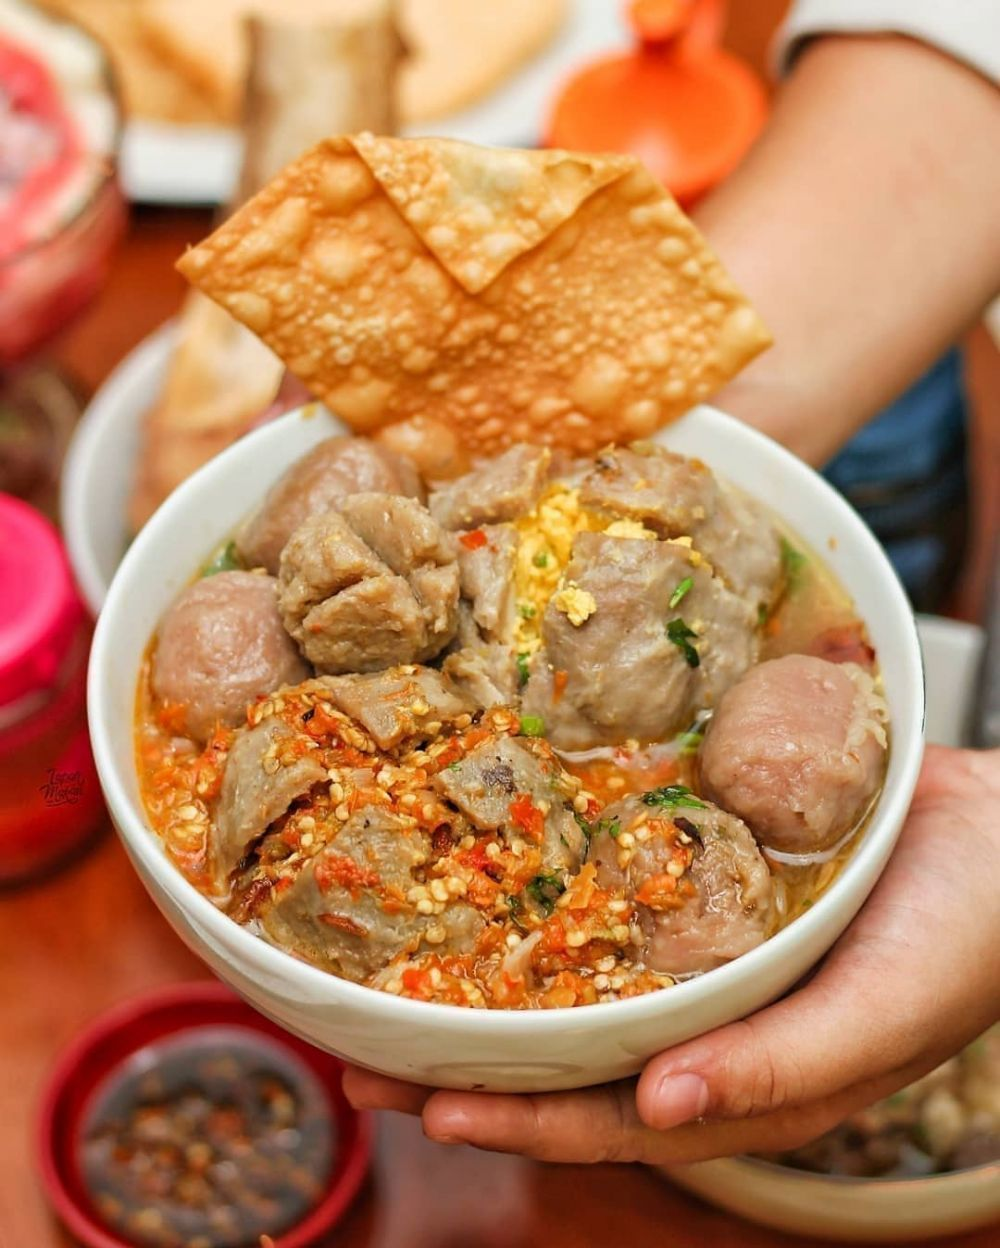 Resep Makanan Kaki Lima Berbagai Sumber Resep Makanan Makanan Makanan Dan Minuman